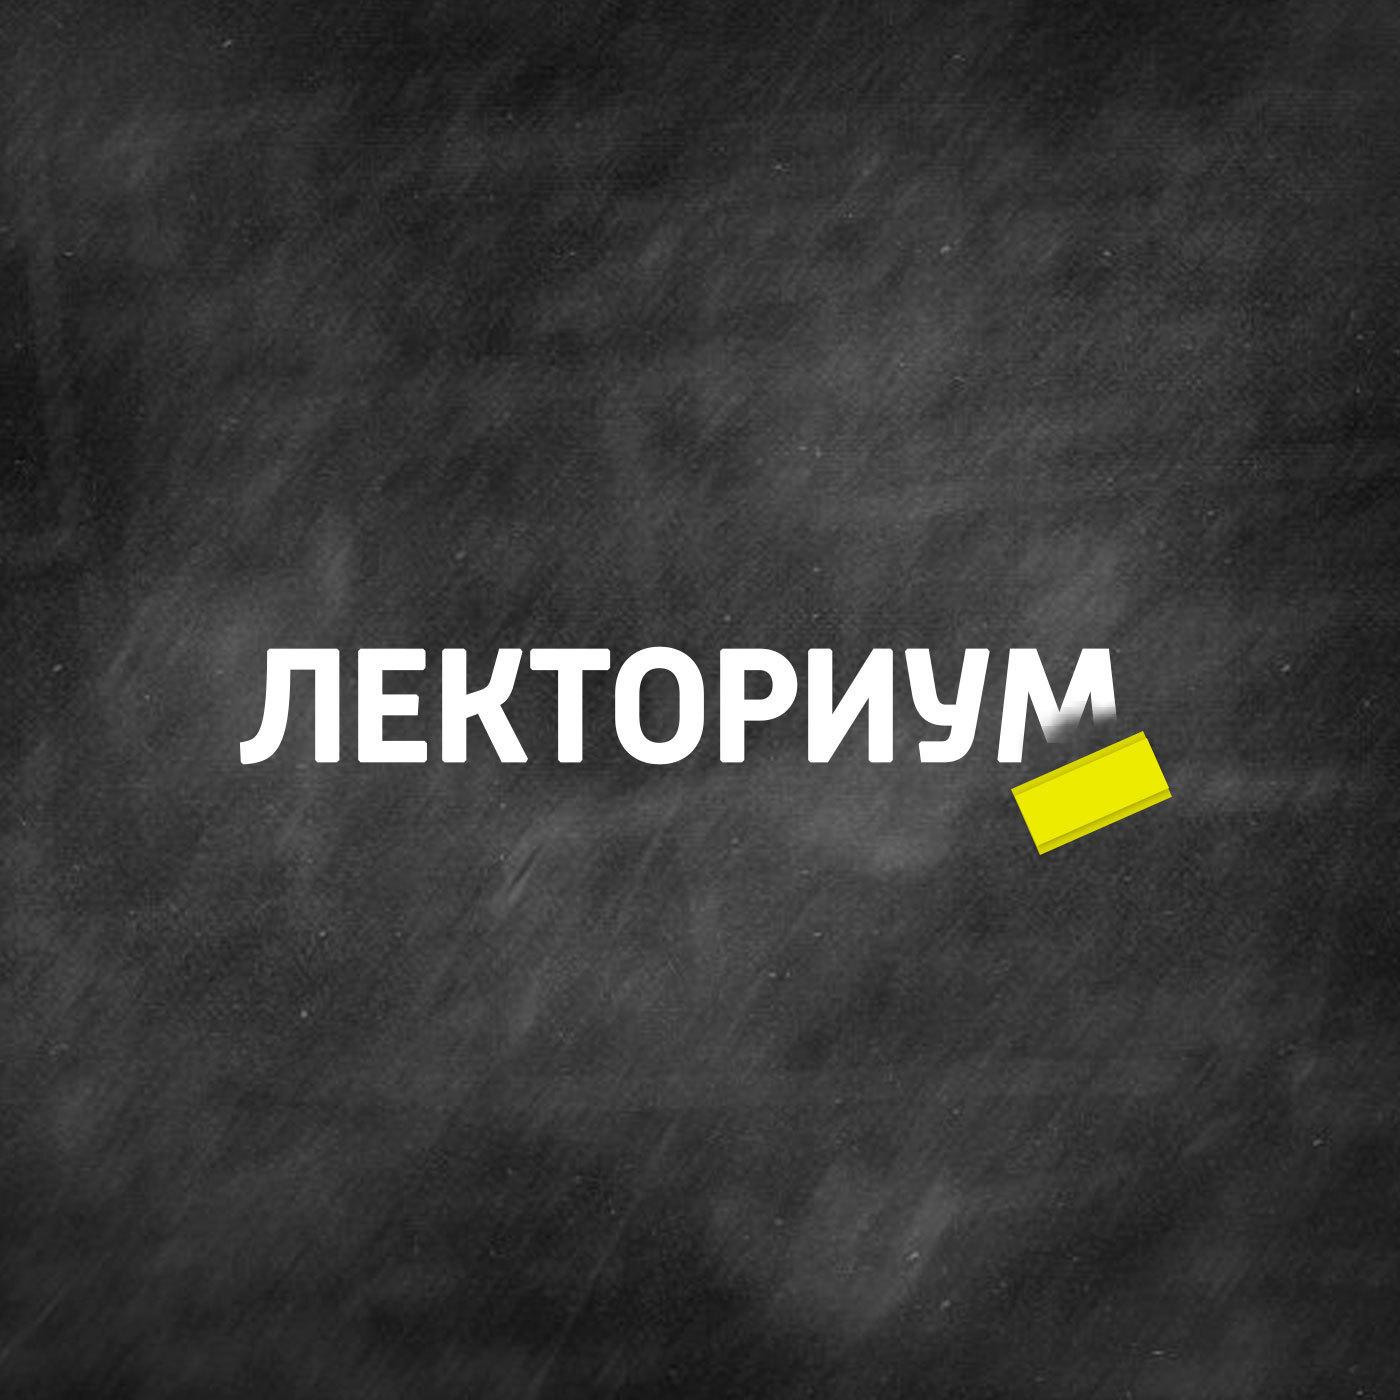 225 лет со дня рождения А.С.Грибоедова